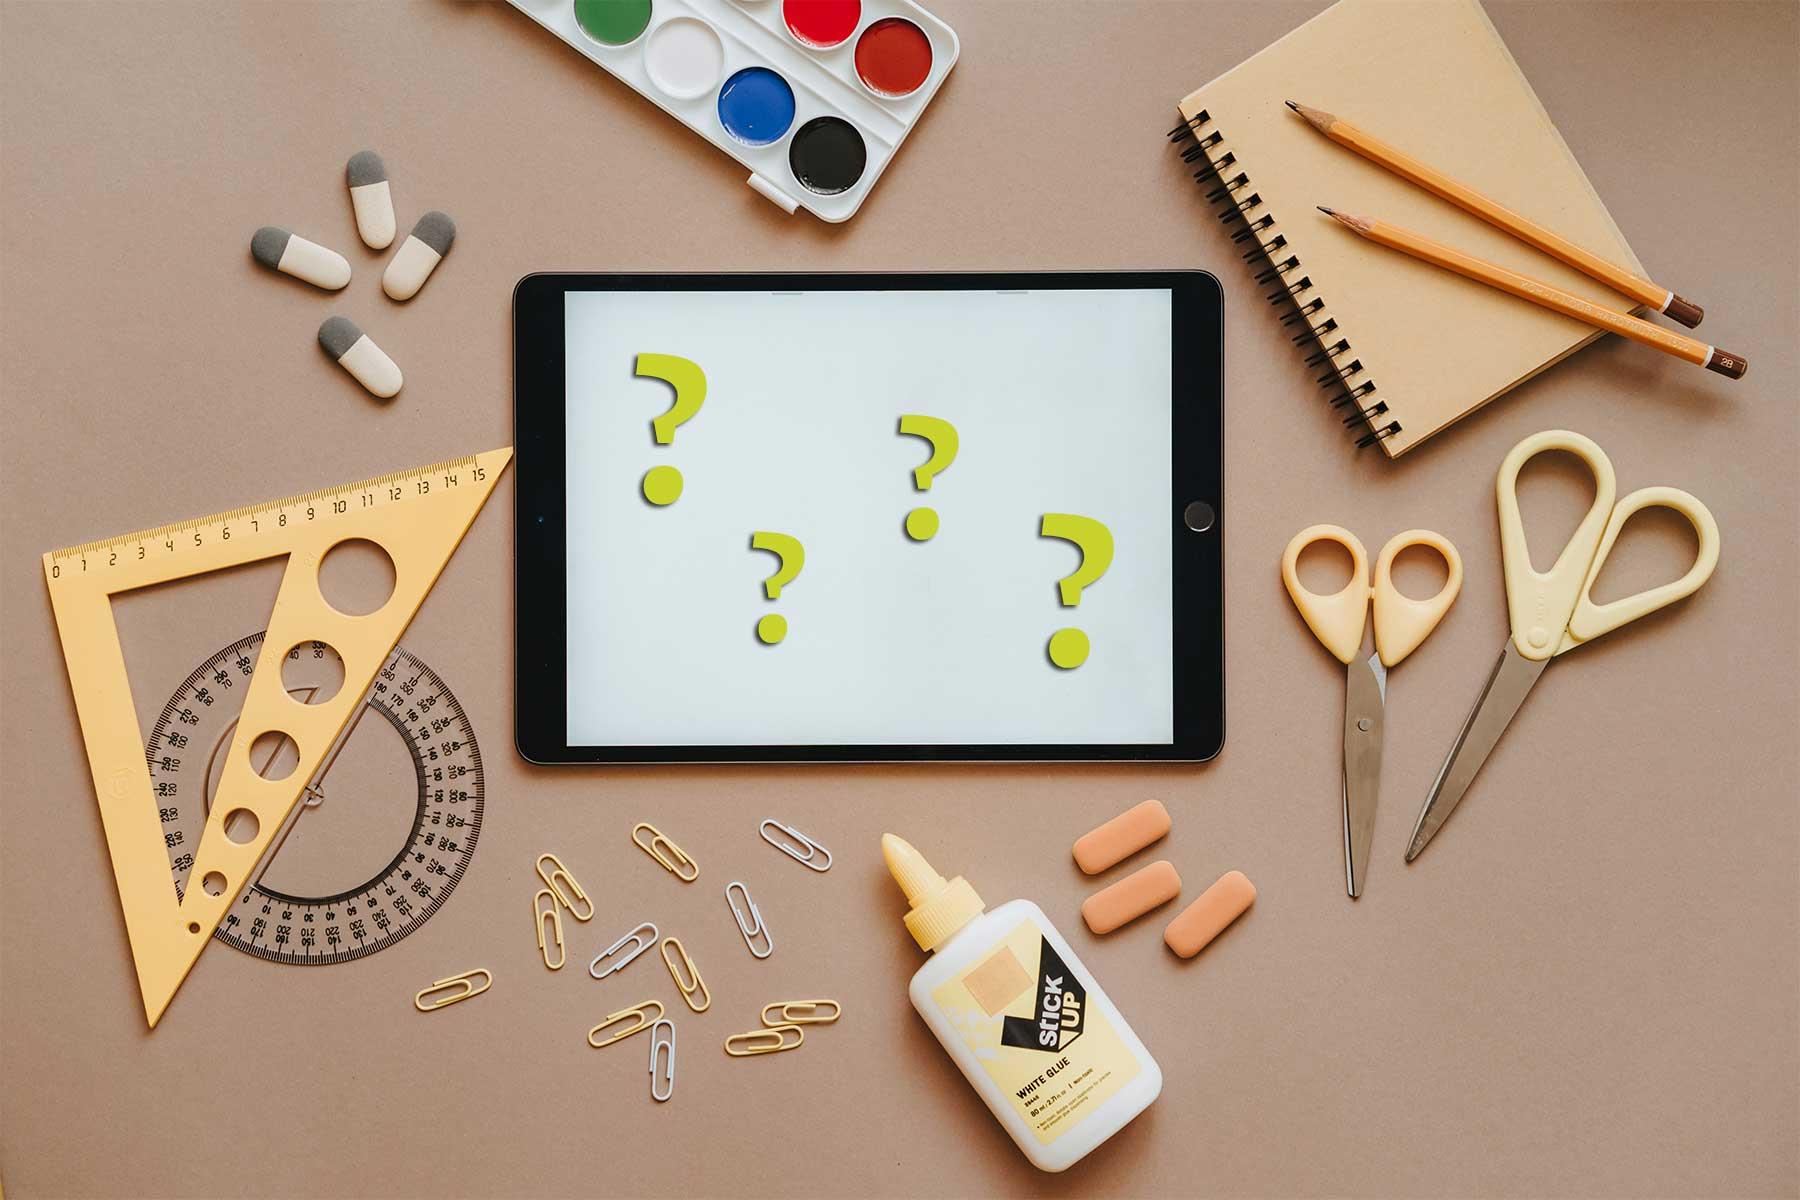 Schreibtisch mit Tablet und verschiedenen Zeichen- und Mal-Werkzeugen - Symbolische Darstellung für den Fragenkatalog für Website-Angebote